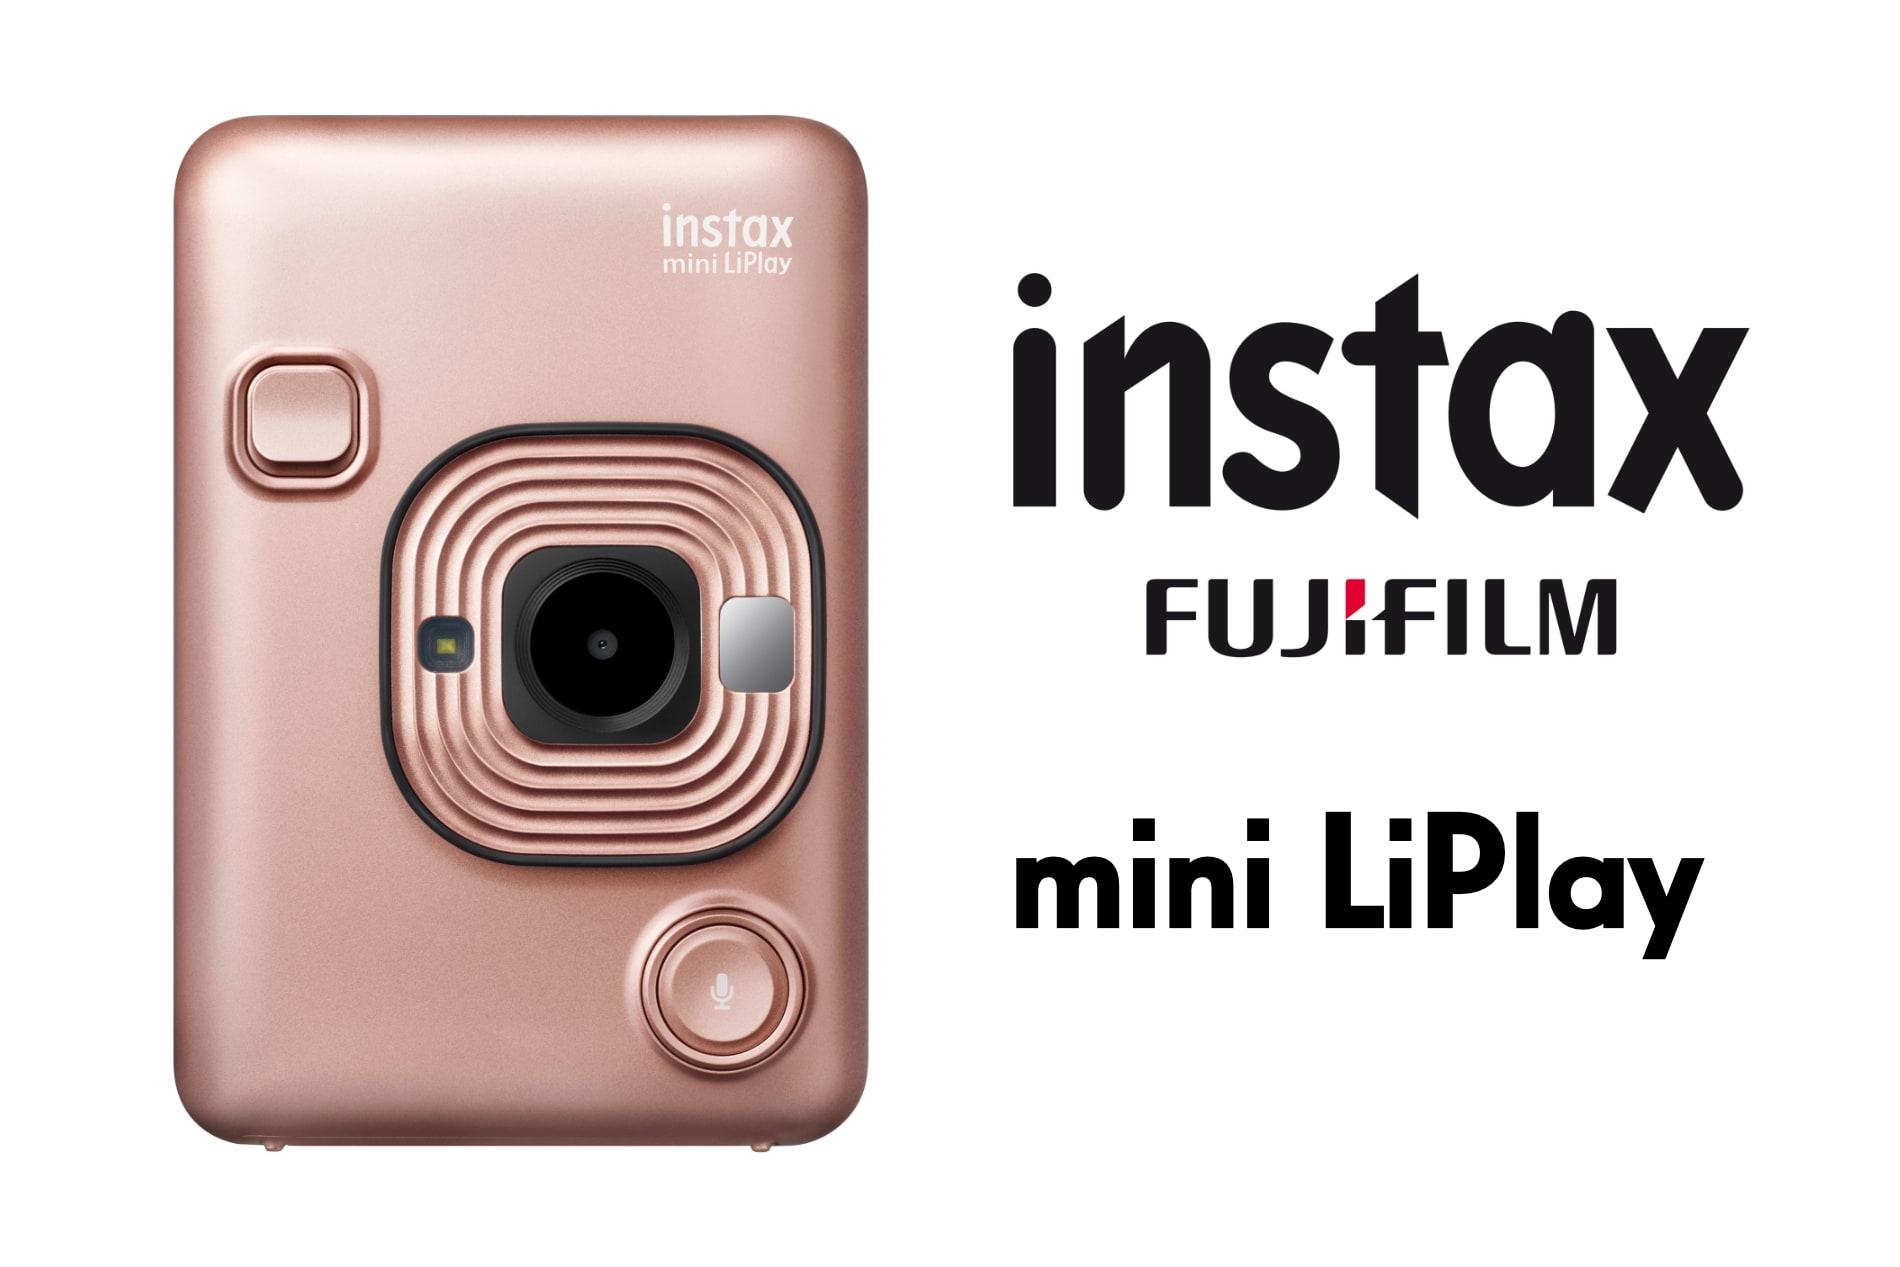 FujiFIlm instax mini LiPlay instant film camera